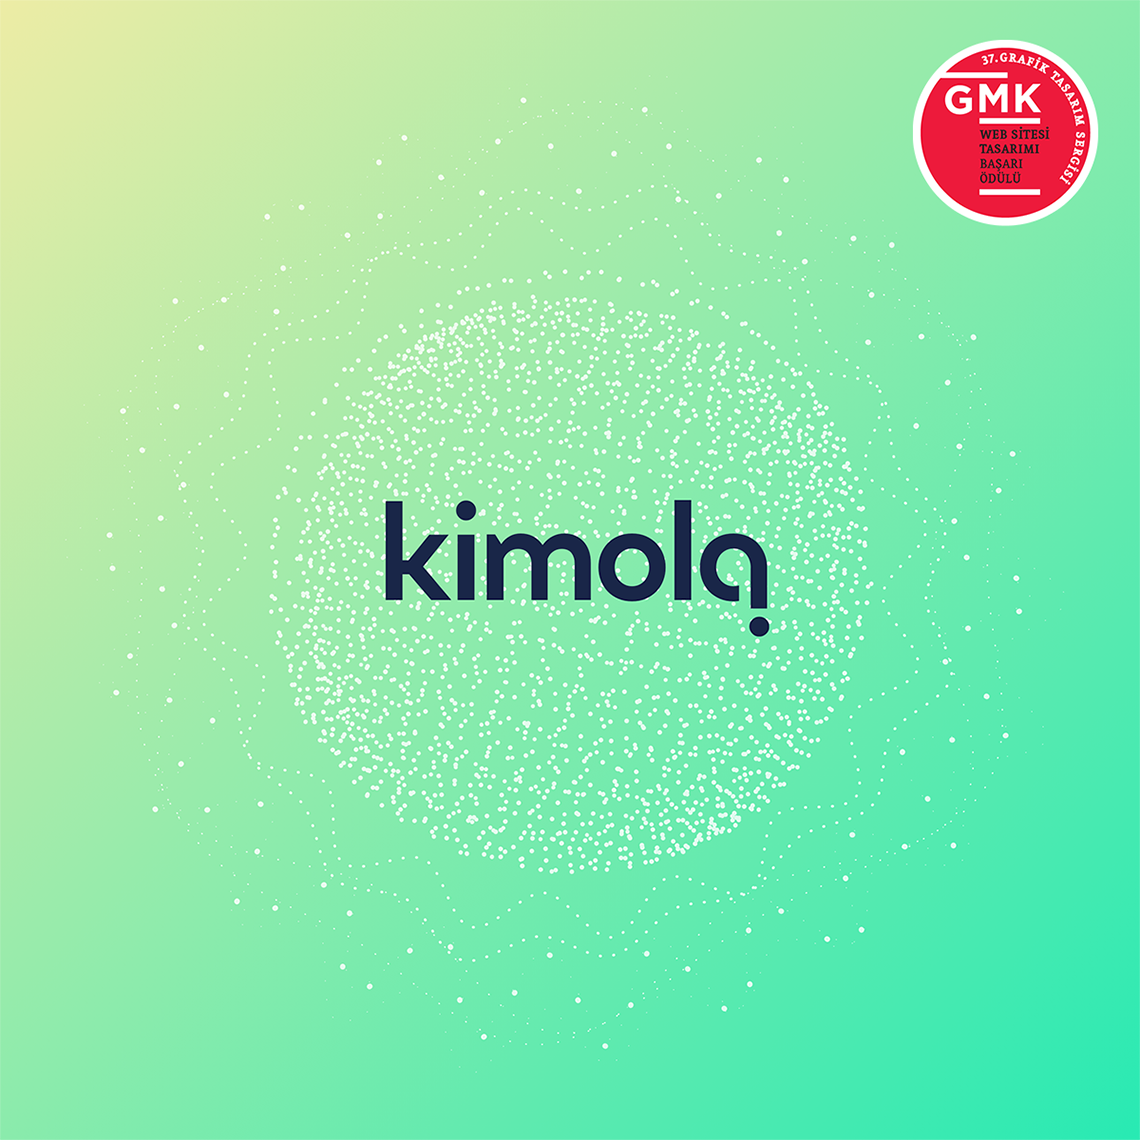 Kimola Web Site